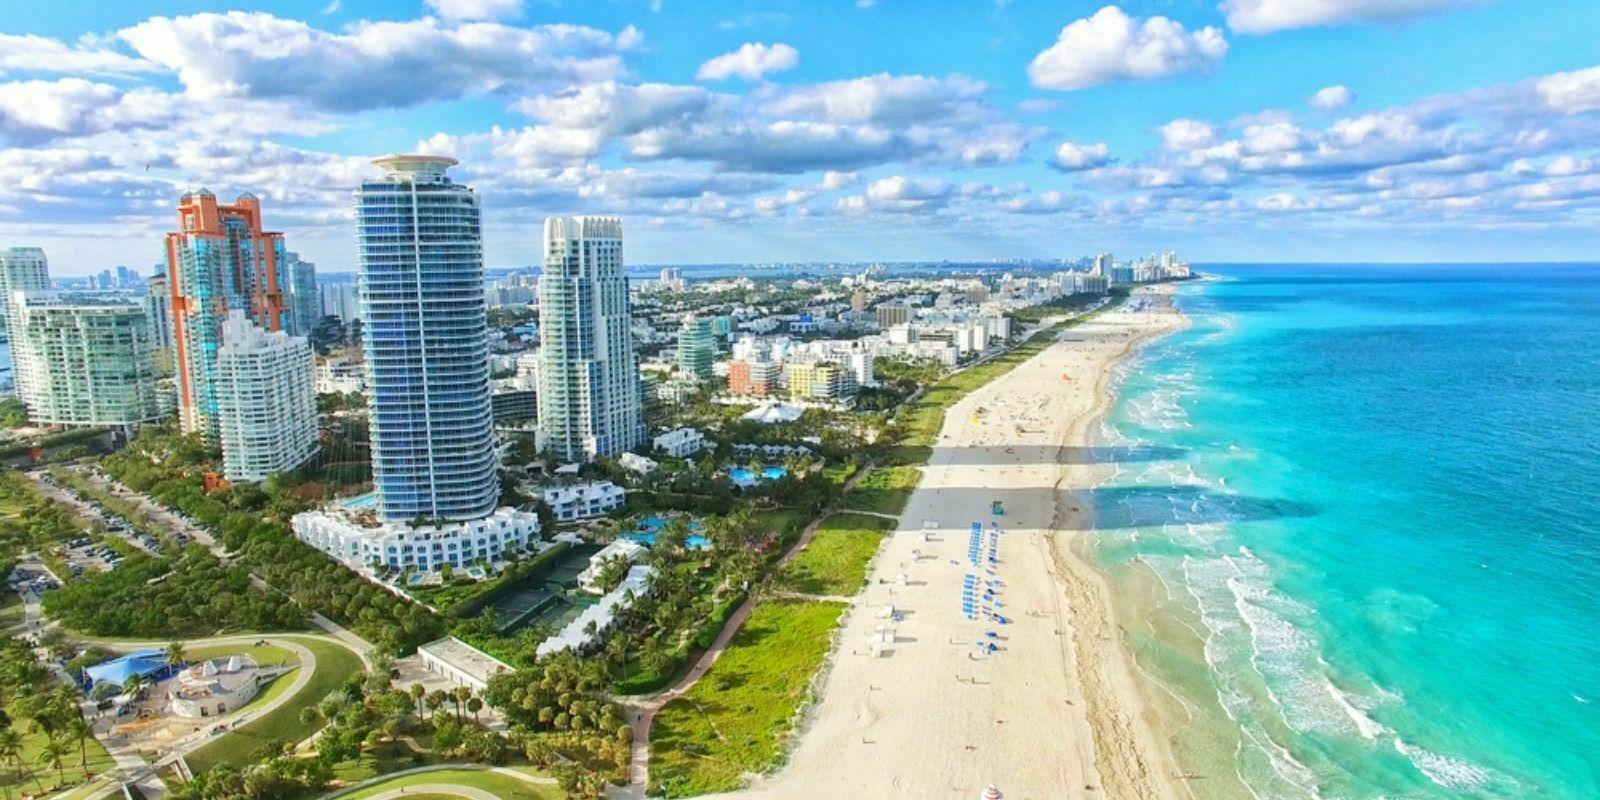 Le maire de Miami pourrait allouer 1% des réserves de la ville à Bitcoin (BTC)